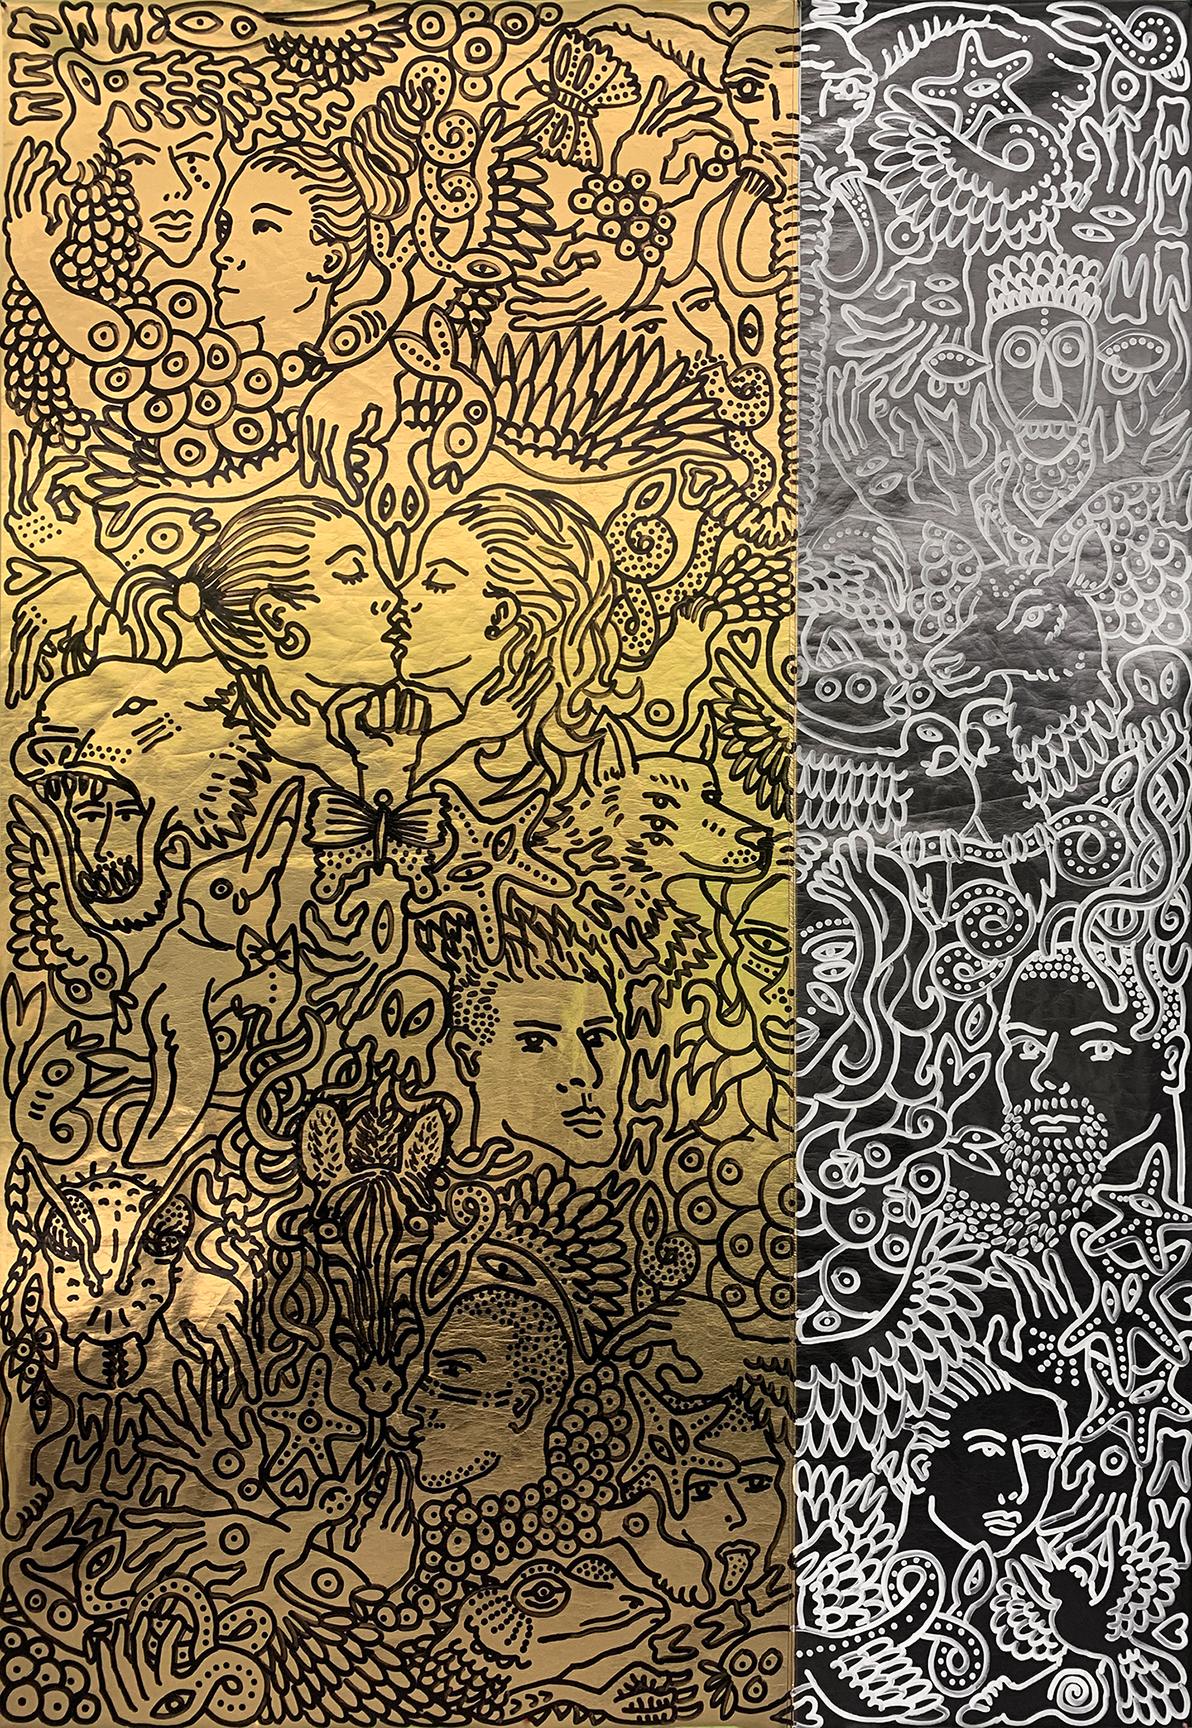 Pried-Mural-2_web.jpg